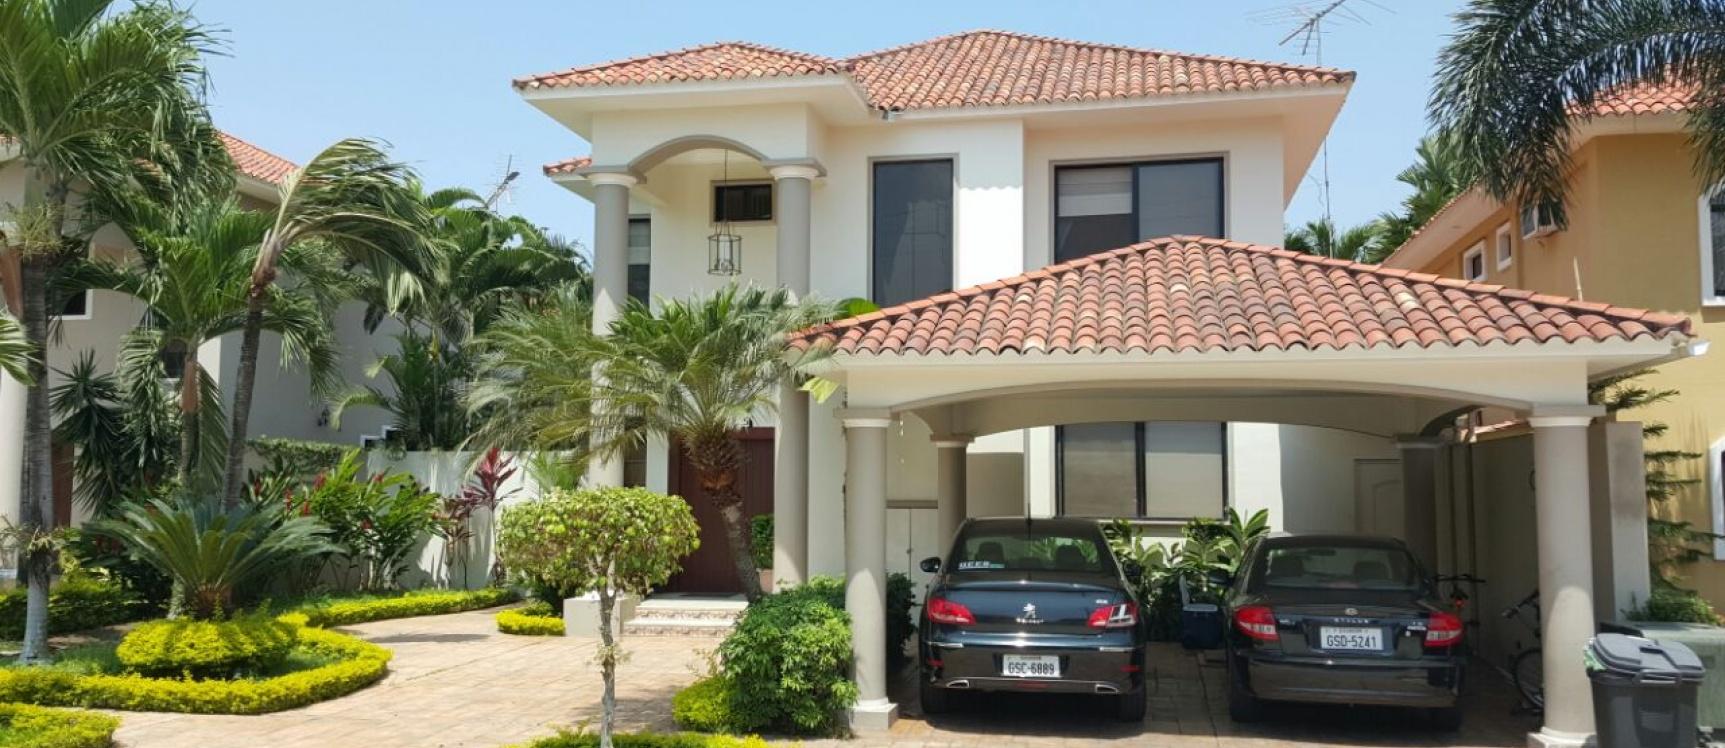 GeoBienes - Alquilo casa en Samborondon, Estancias Del Rio - Plusvalia Guayaquil Casas de venta y alquiler Inmobiliaria Ecuador